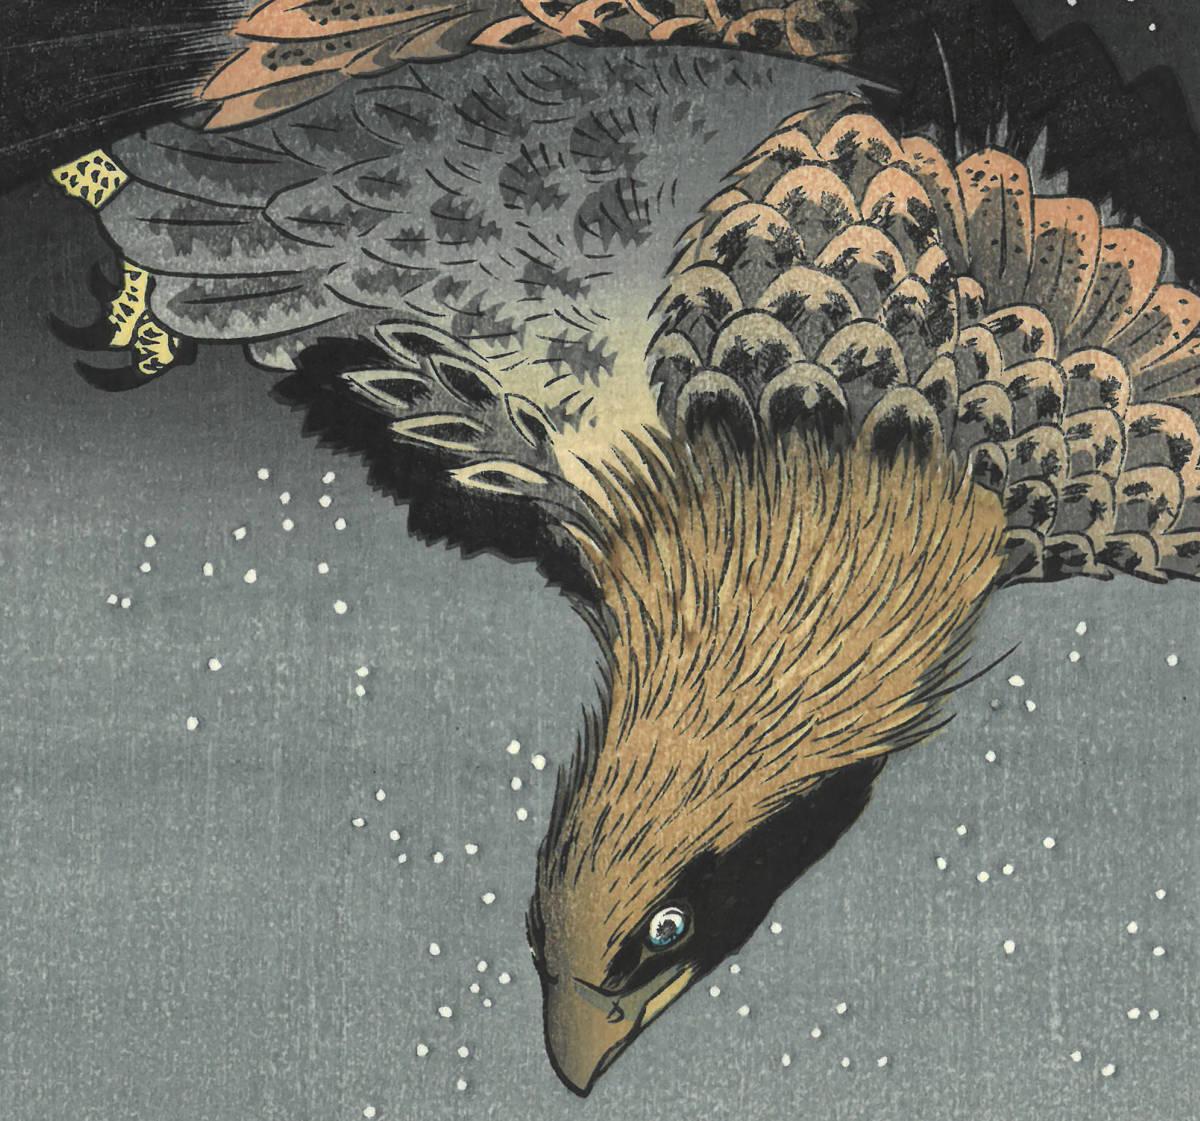 歌川広重 (Utagawa Hiroshige) 木版画 江戸百景 #108. 深川州崎十万坪  初版1856-58年頃  広重の木版画の真の素晴らしさをご堪能下さい! _画像10